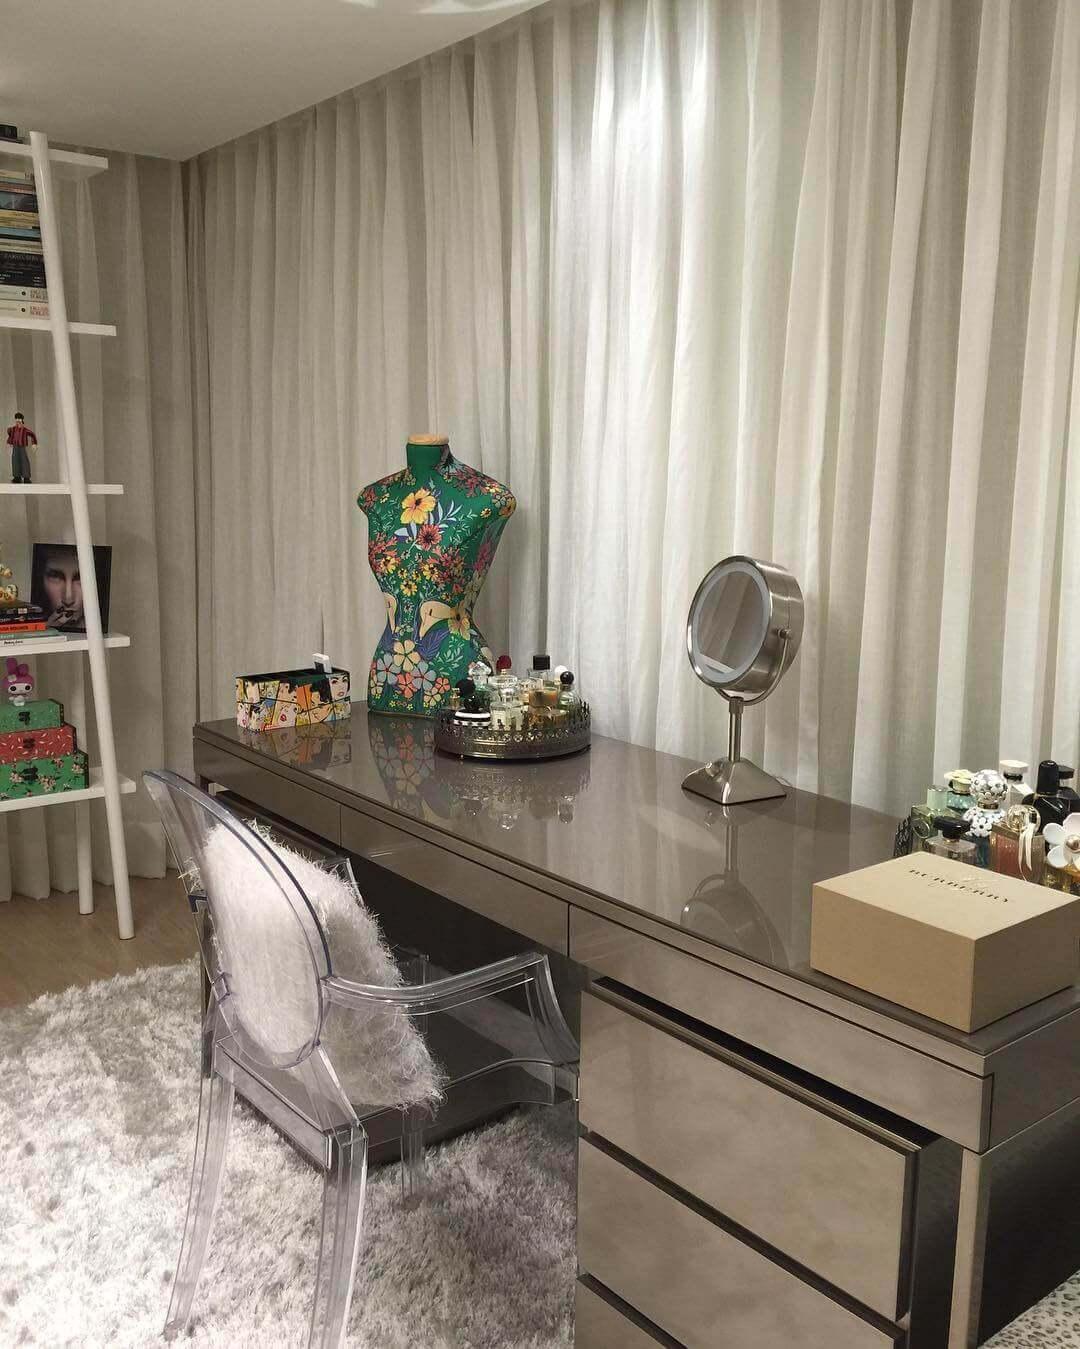 Penteadeira organizada com espelho de mesa